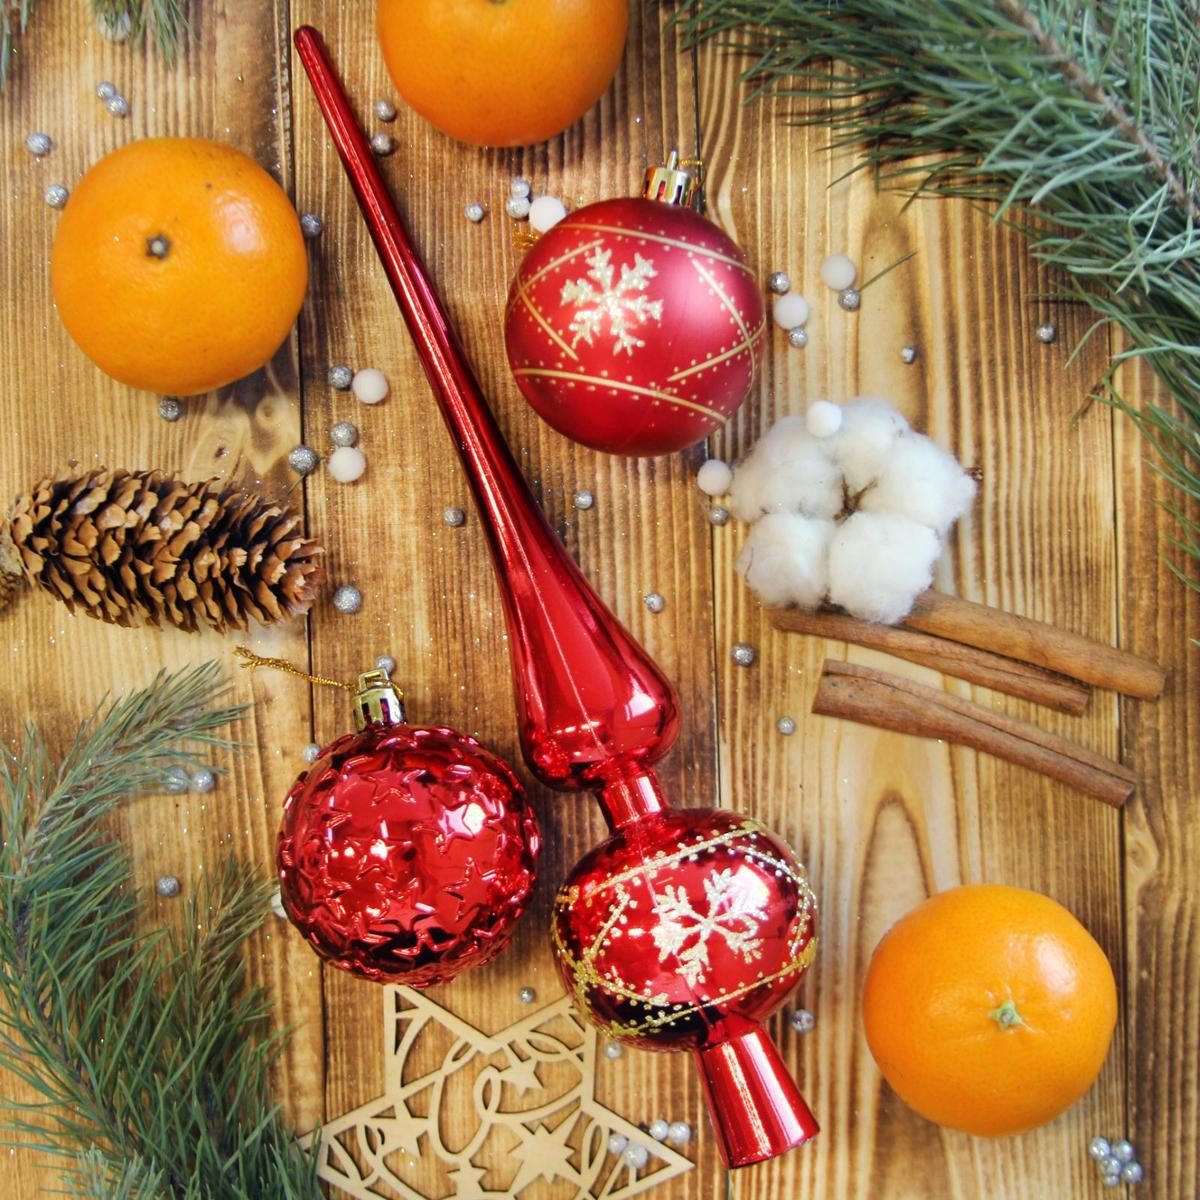 Набор новогодних подвесных украшений, с макушкой, 19 шт. 21230152123015Невозможно представить нашу жизнь без праздников! Мы всегда ждём их и предвкушаем, обдумываем, как проведём памятный день, тщательно выбираем подарки и аксессуары, ведь именно они создают и поддерживают торжественный настрой.